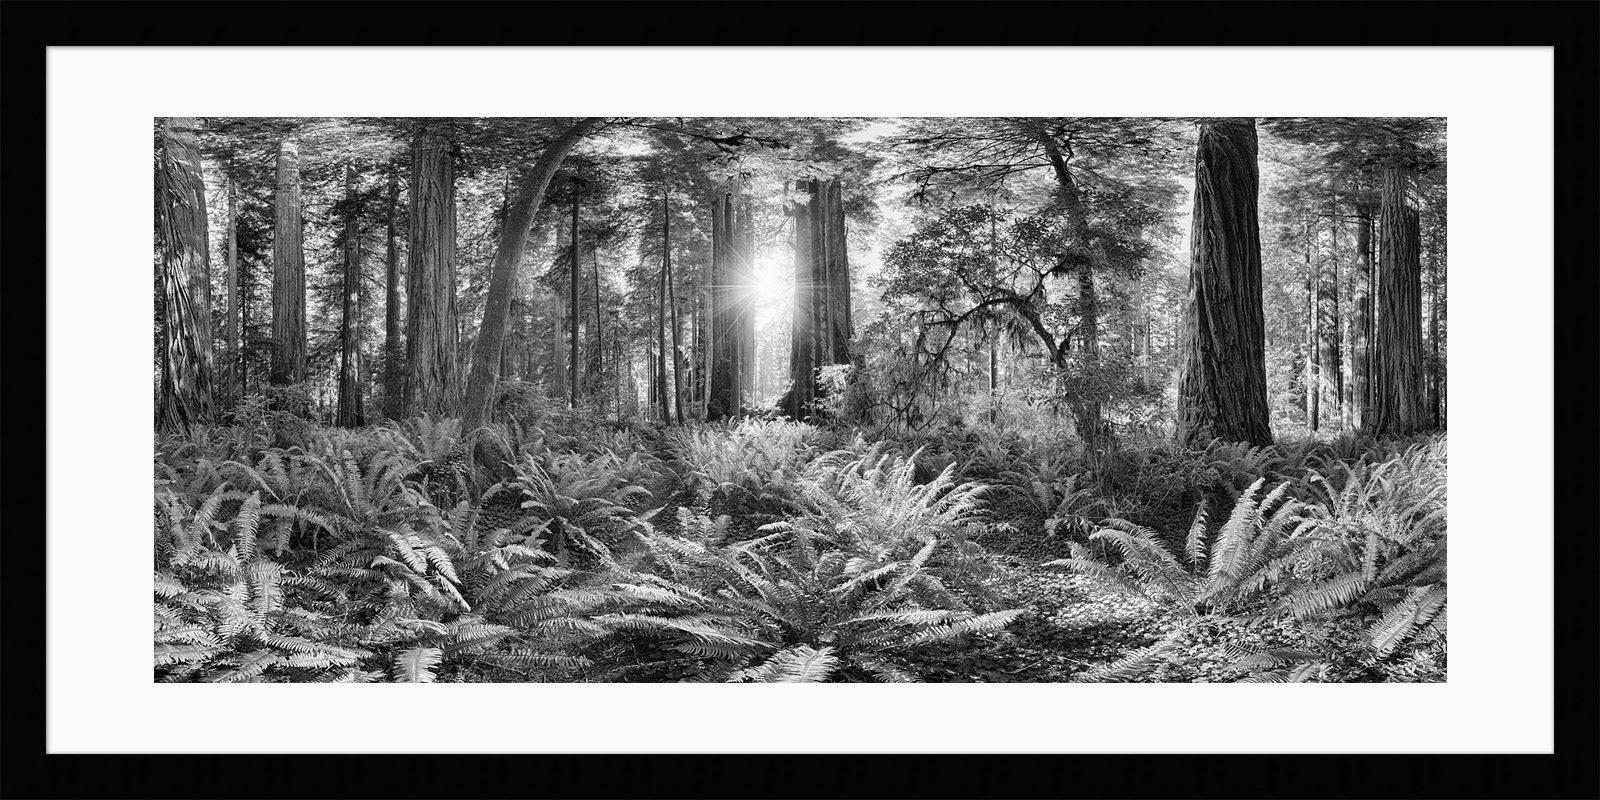 Redwoods - Framed California Black & White Fine Art Photograph